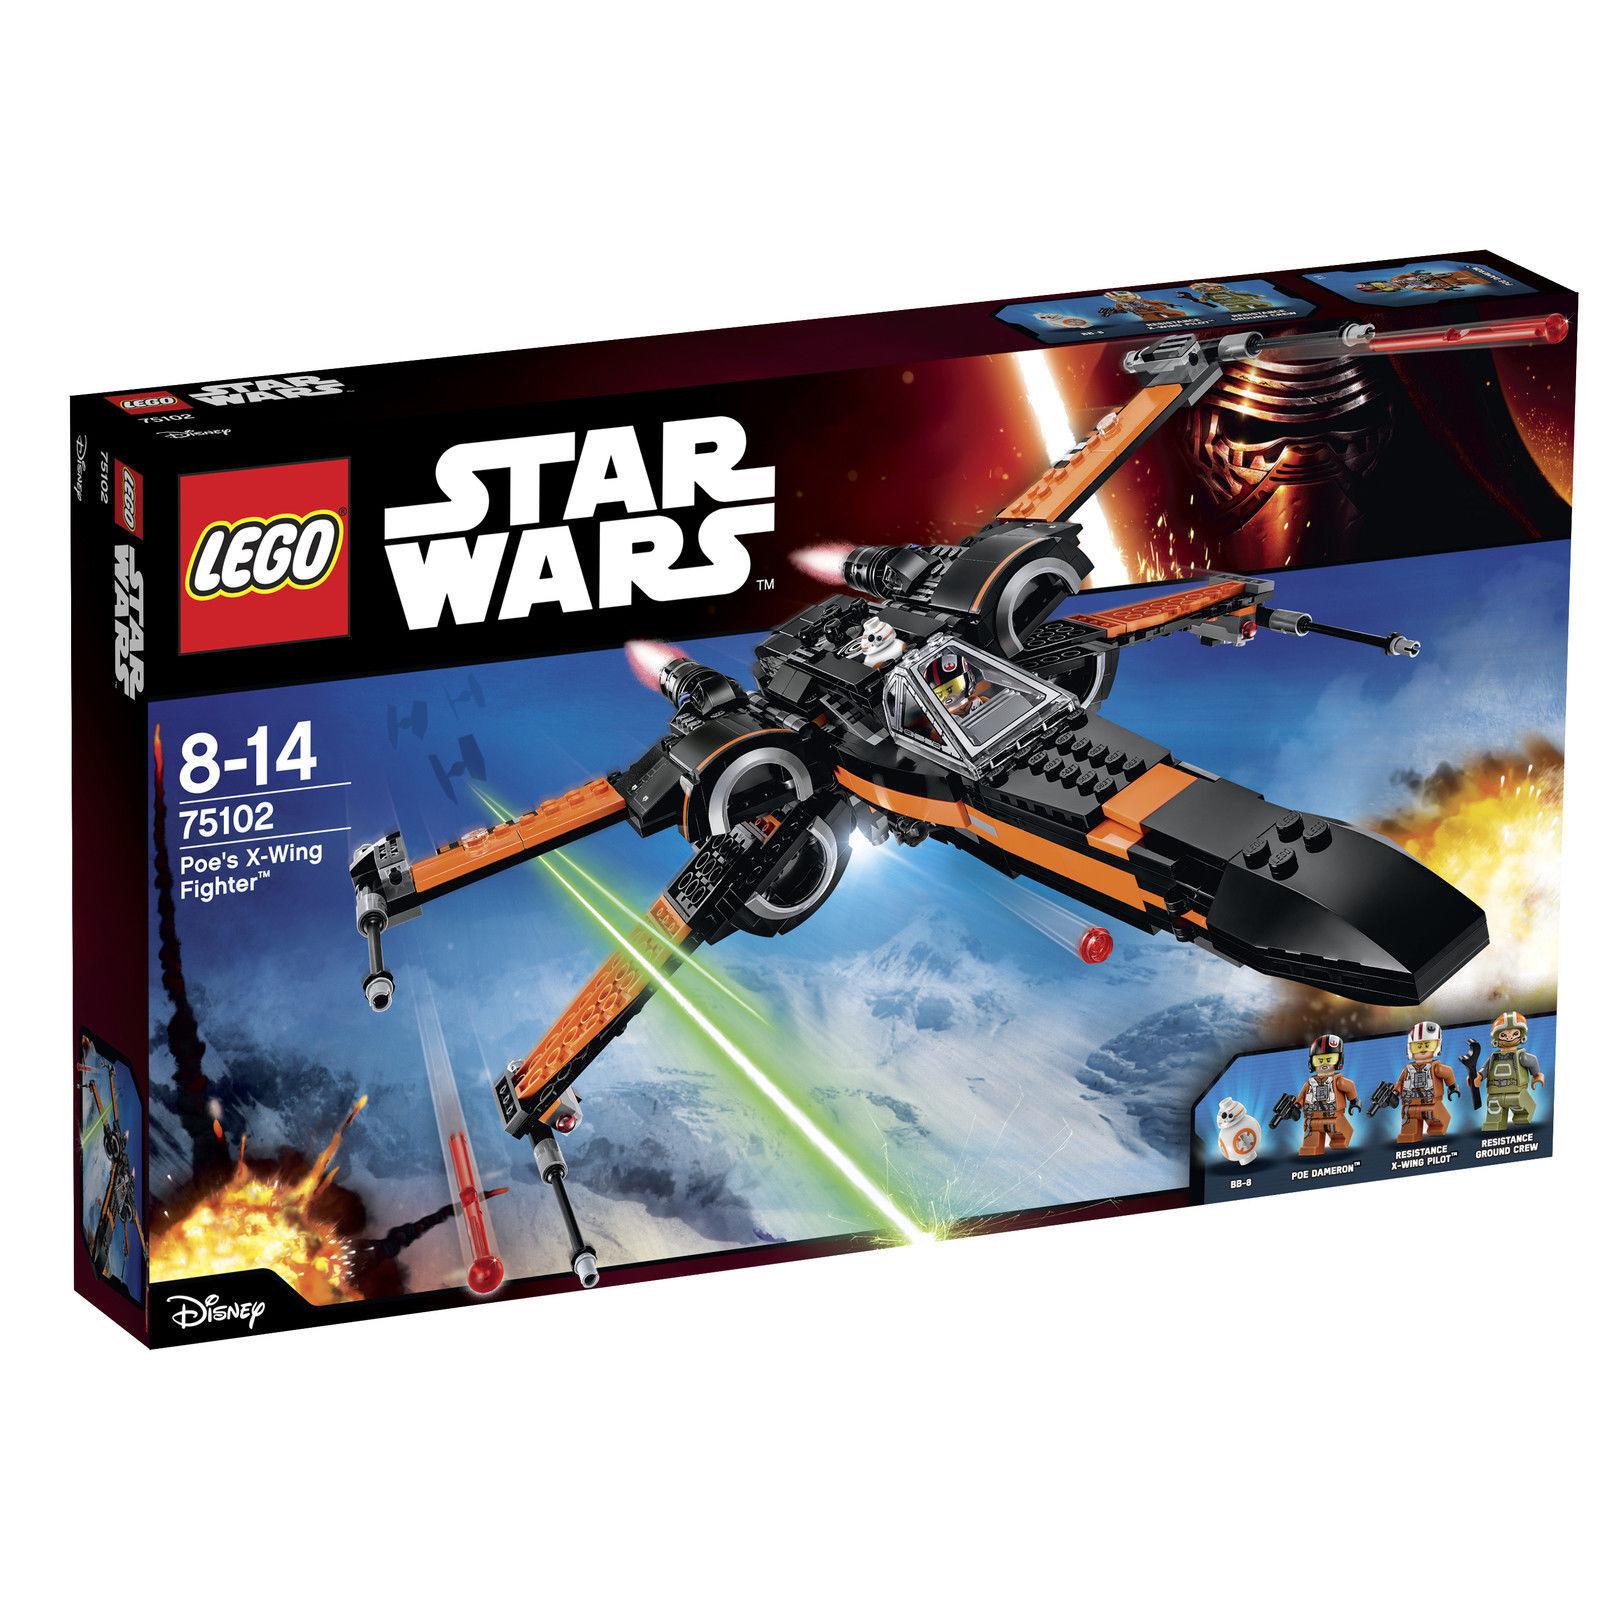 Jeja 99   TOP  LEGO estrella guerras 75102 POE's X-WING FIGHTER NUOVO nuovo MISB  vendita con alto sconto